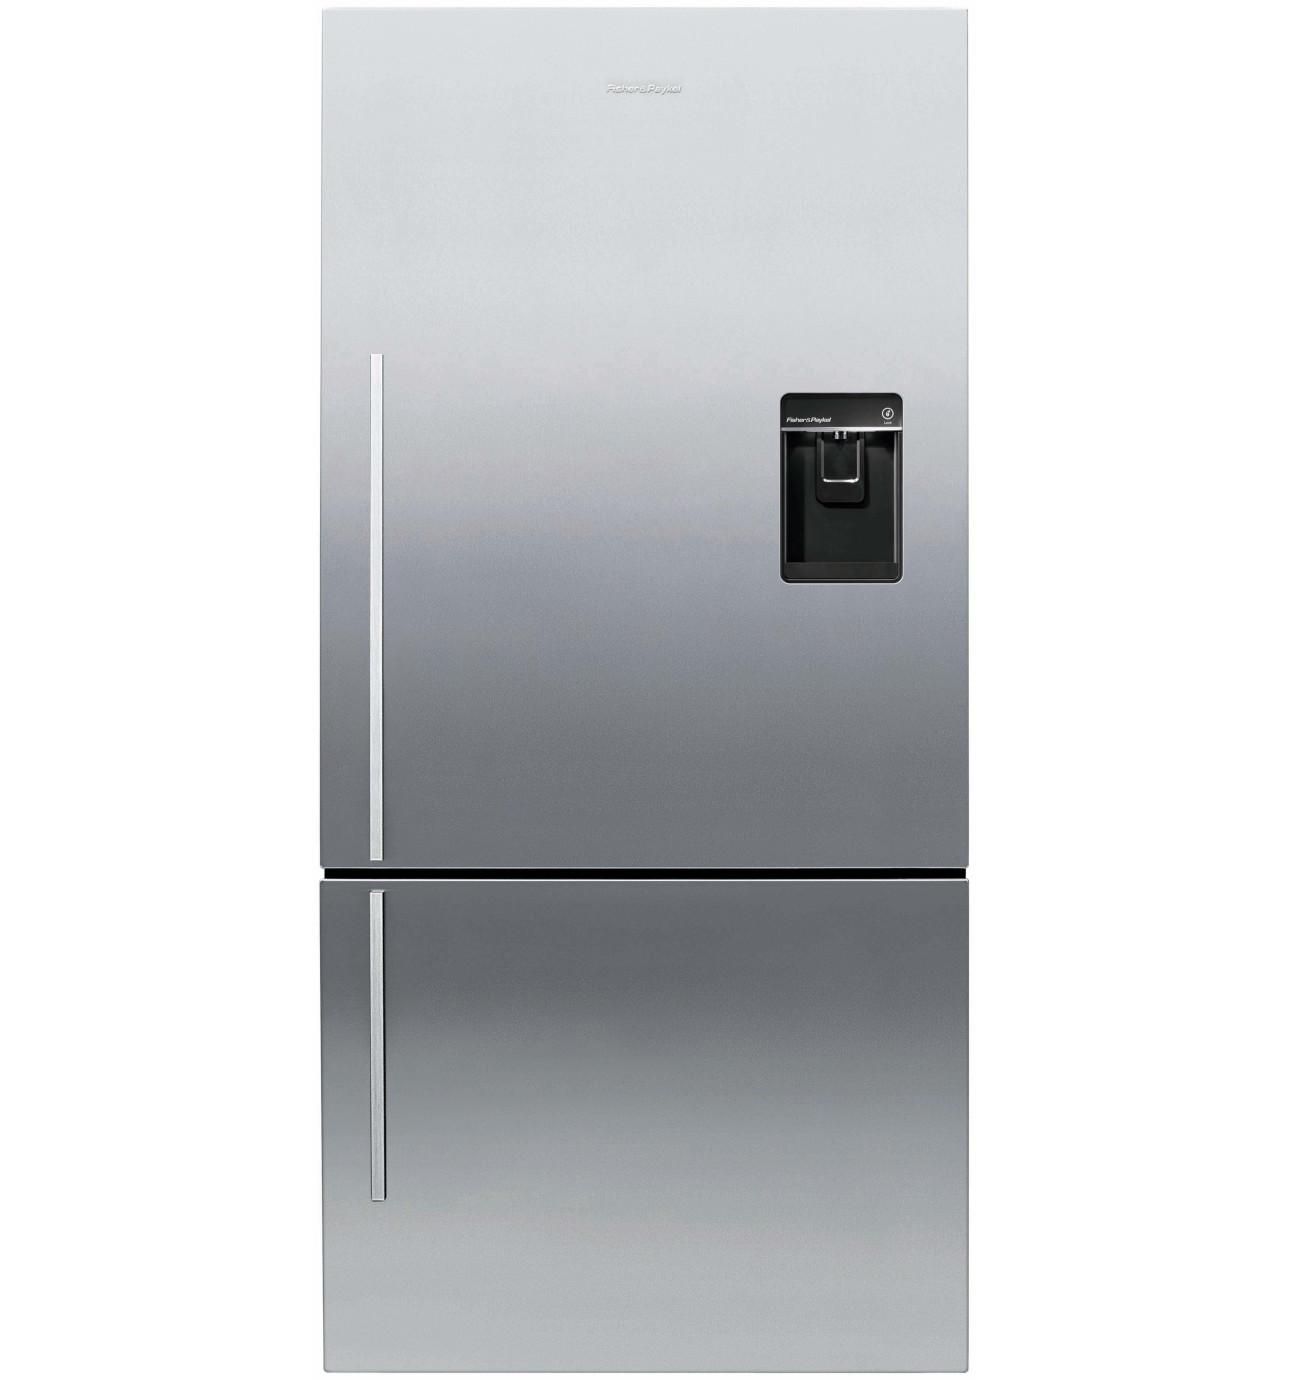 e522brxfdu5 519l bottom mount fridge